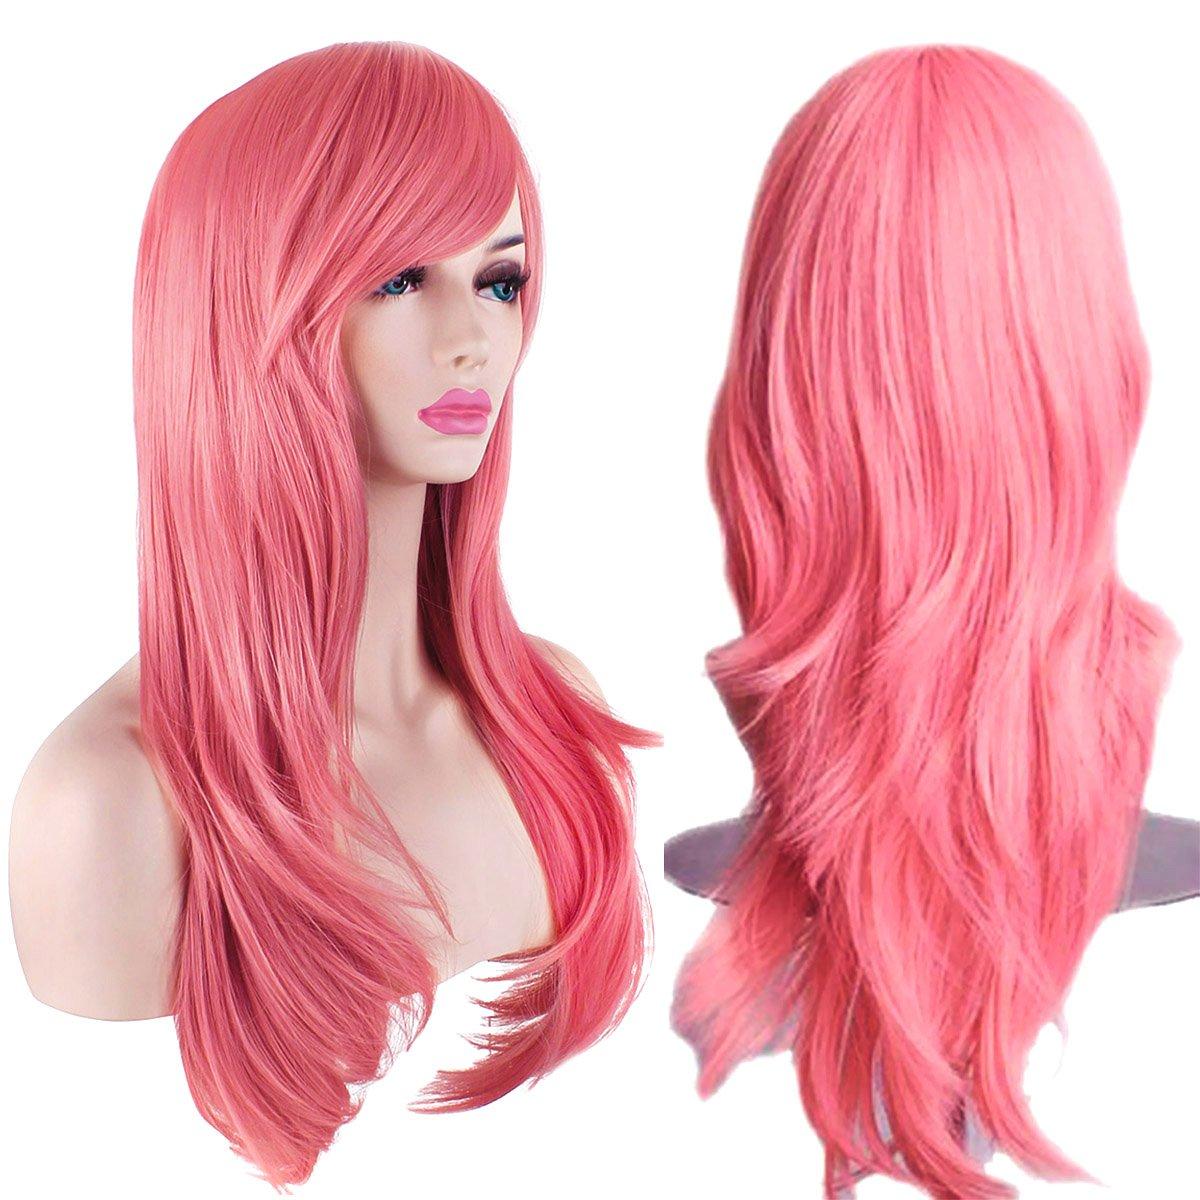 AKStore Fashion Wigs 28